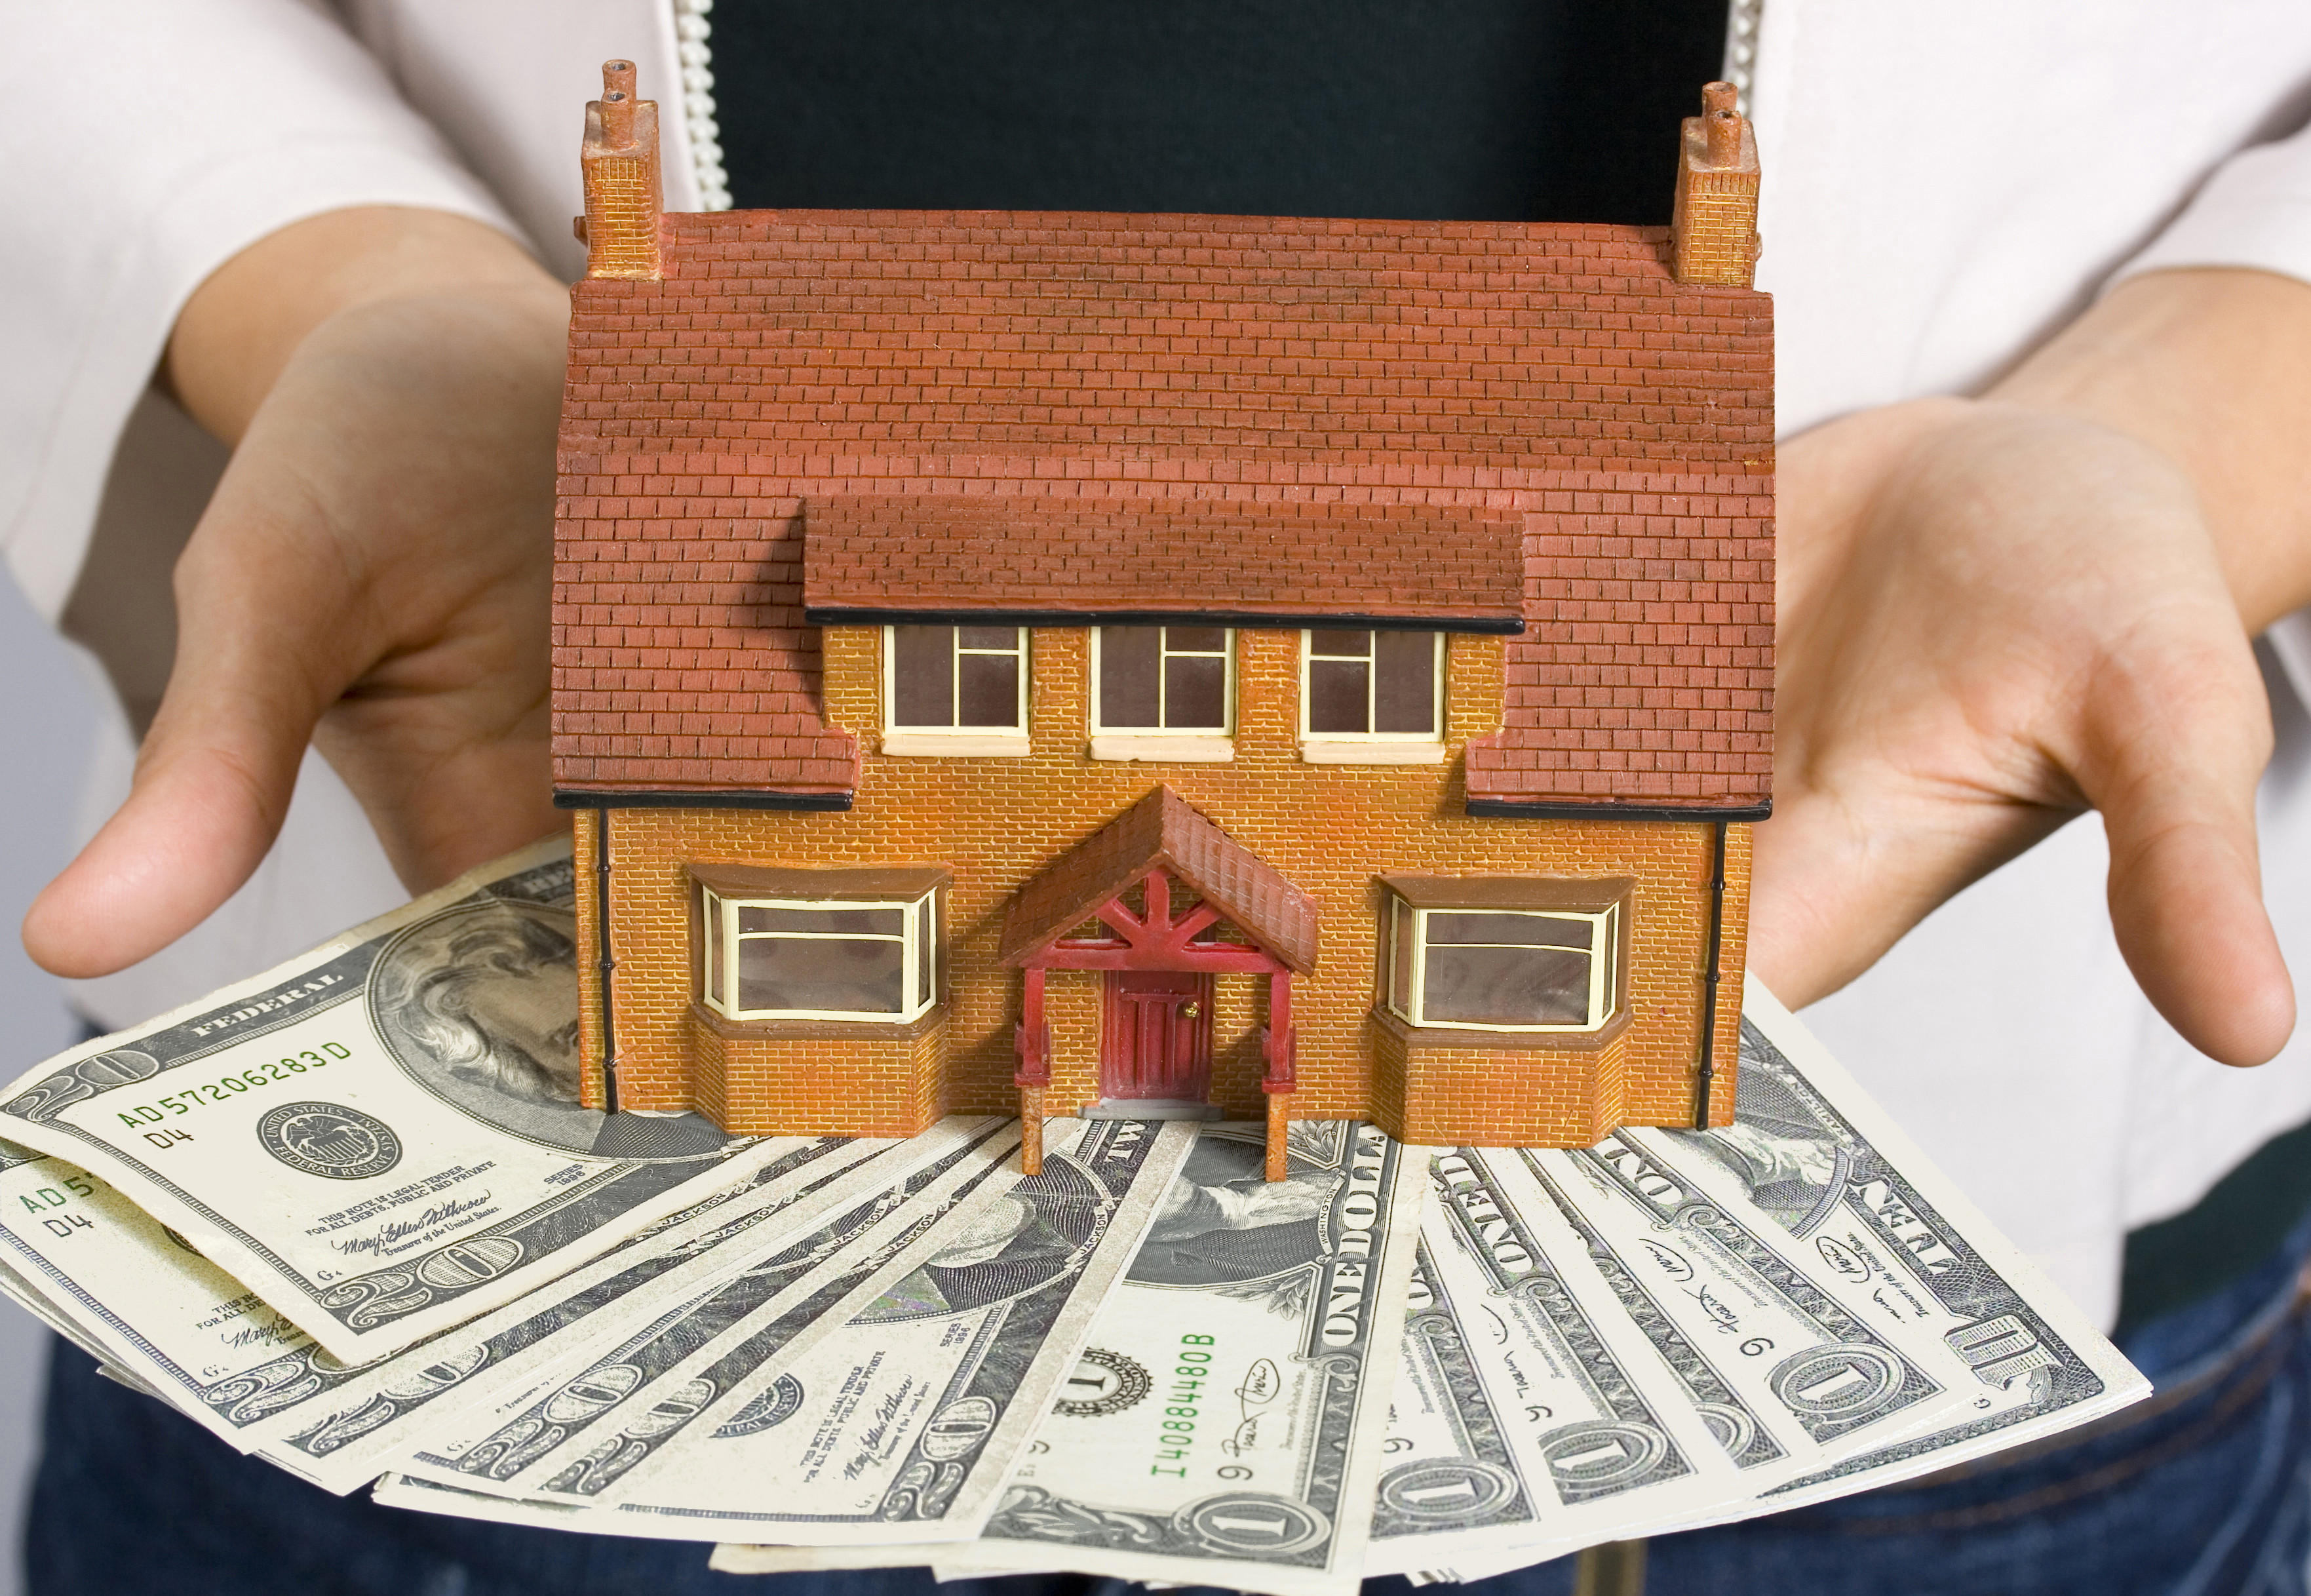 взять кредит наличными онлайн банк сбербанк